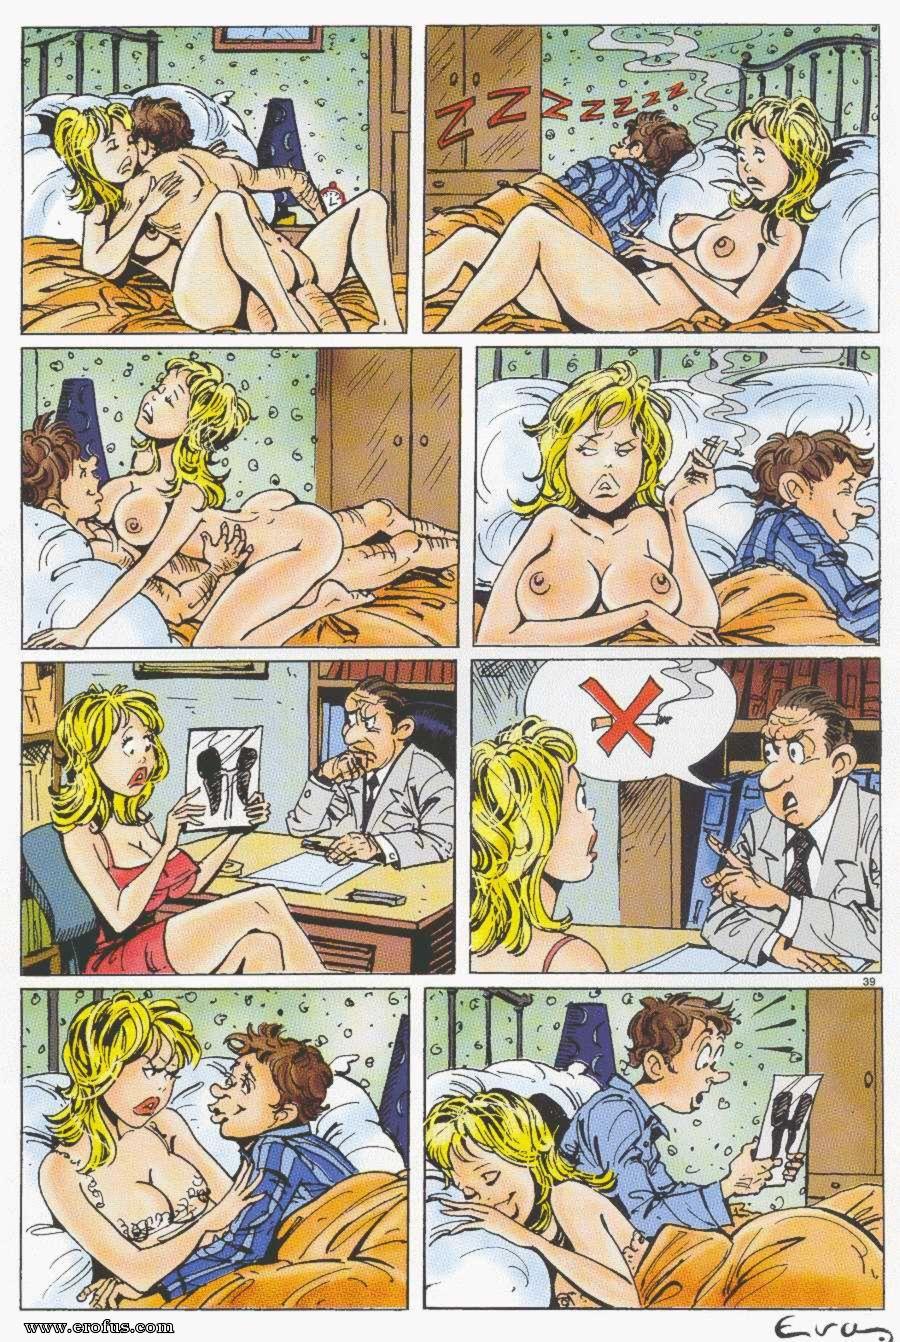 xxx-comic-strips